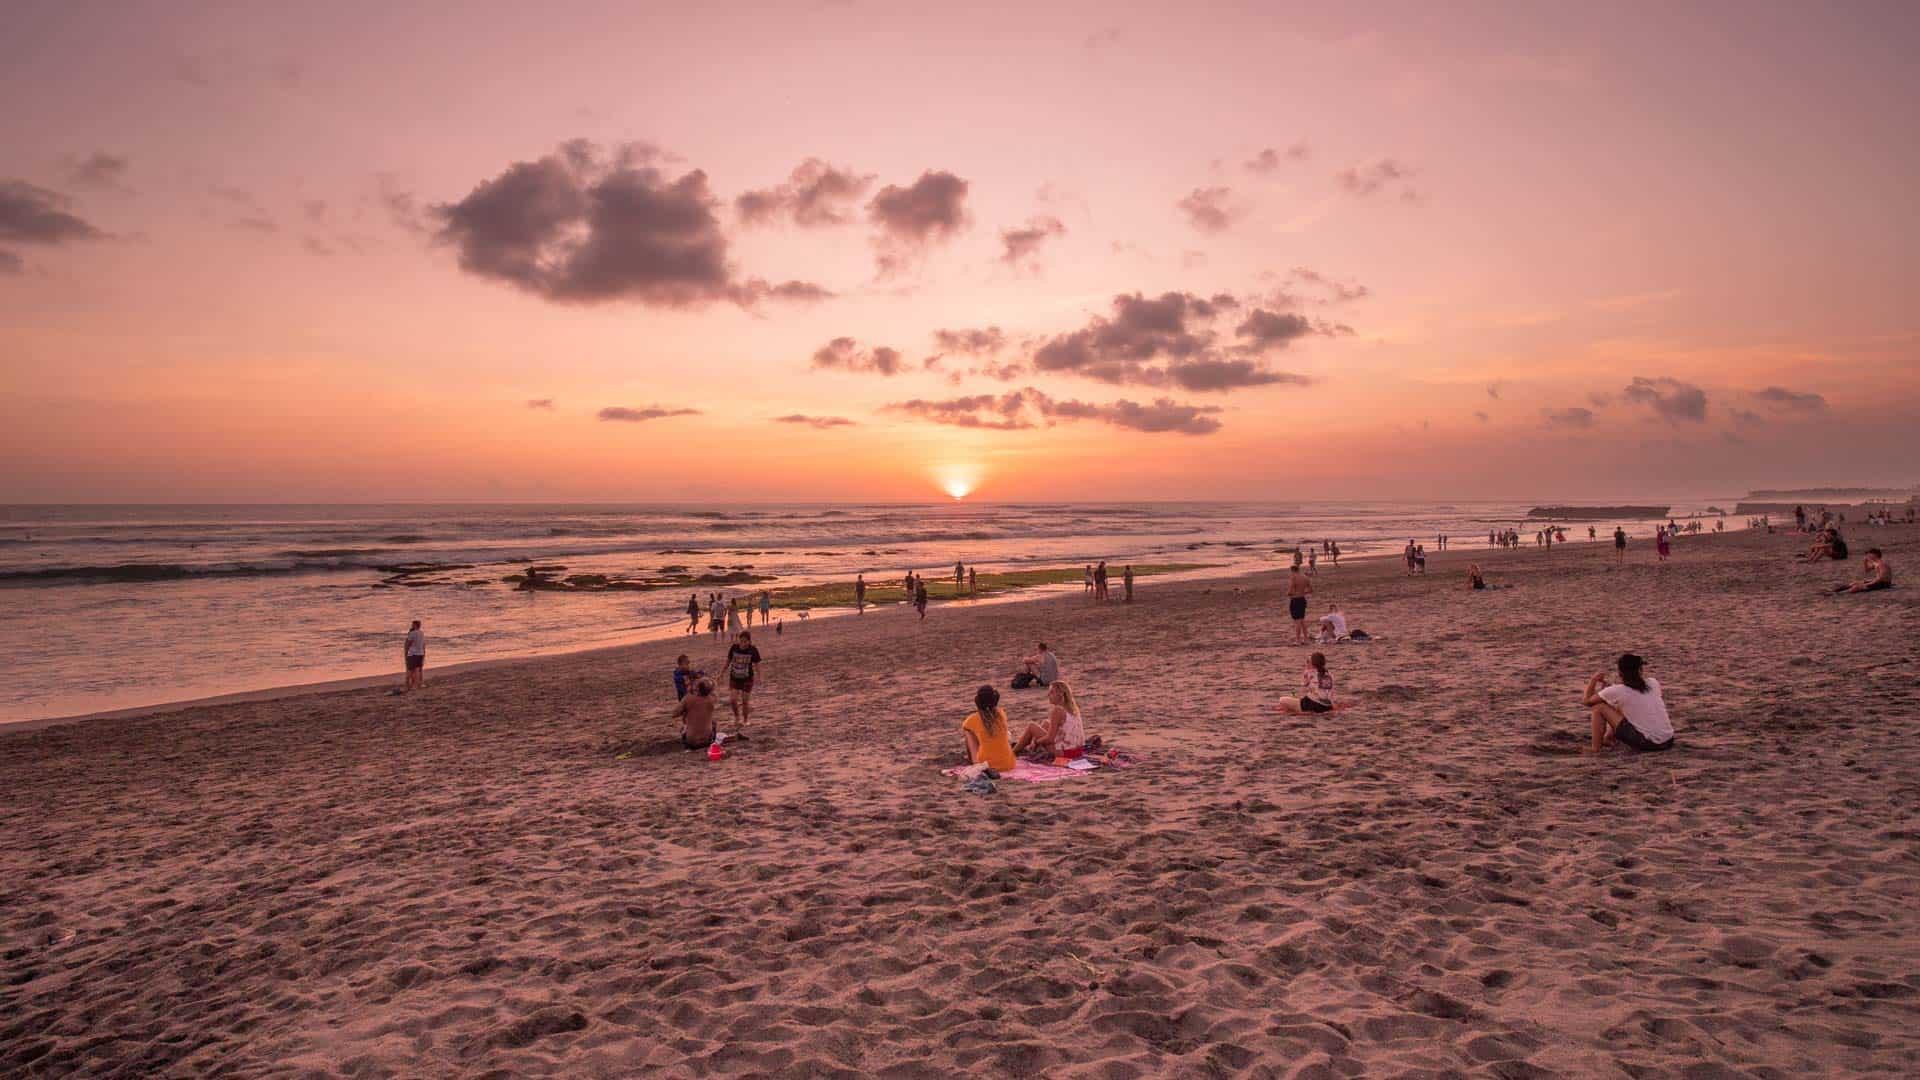 Пляж Бату-Болонг на Бали в Индонезии